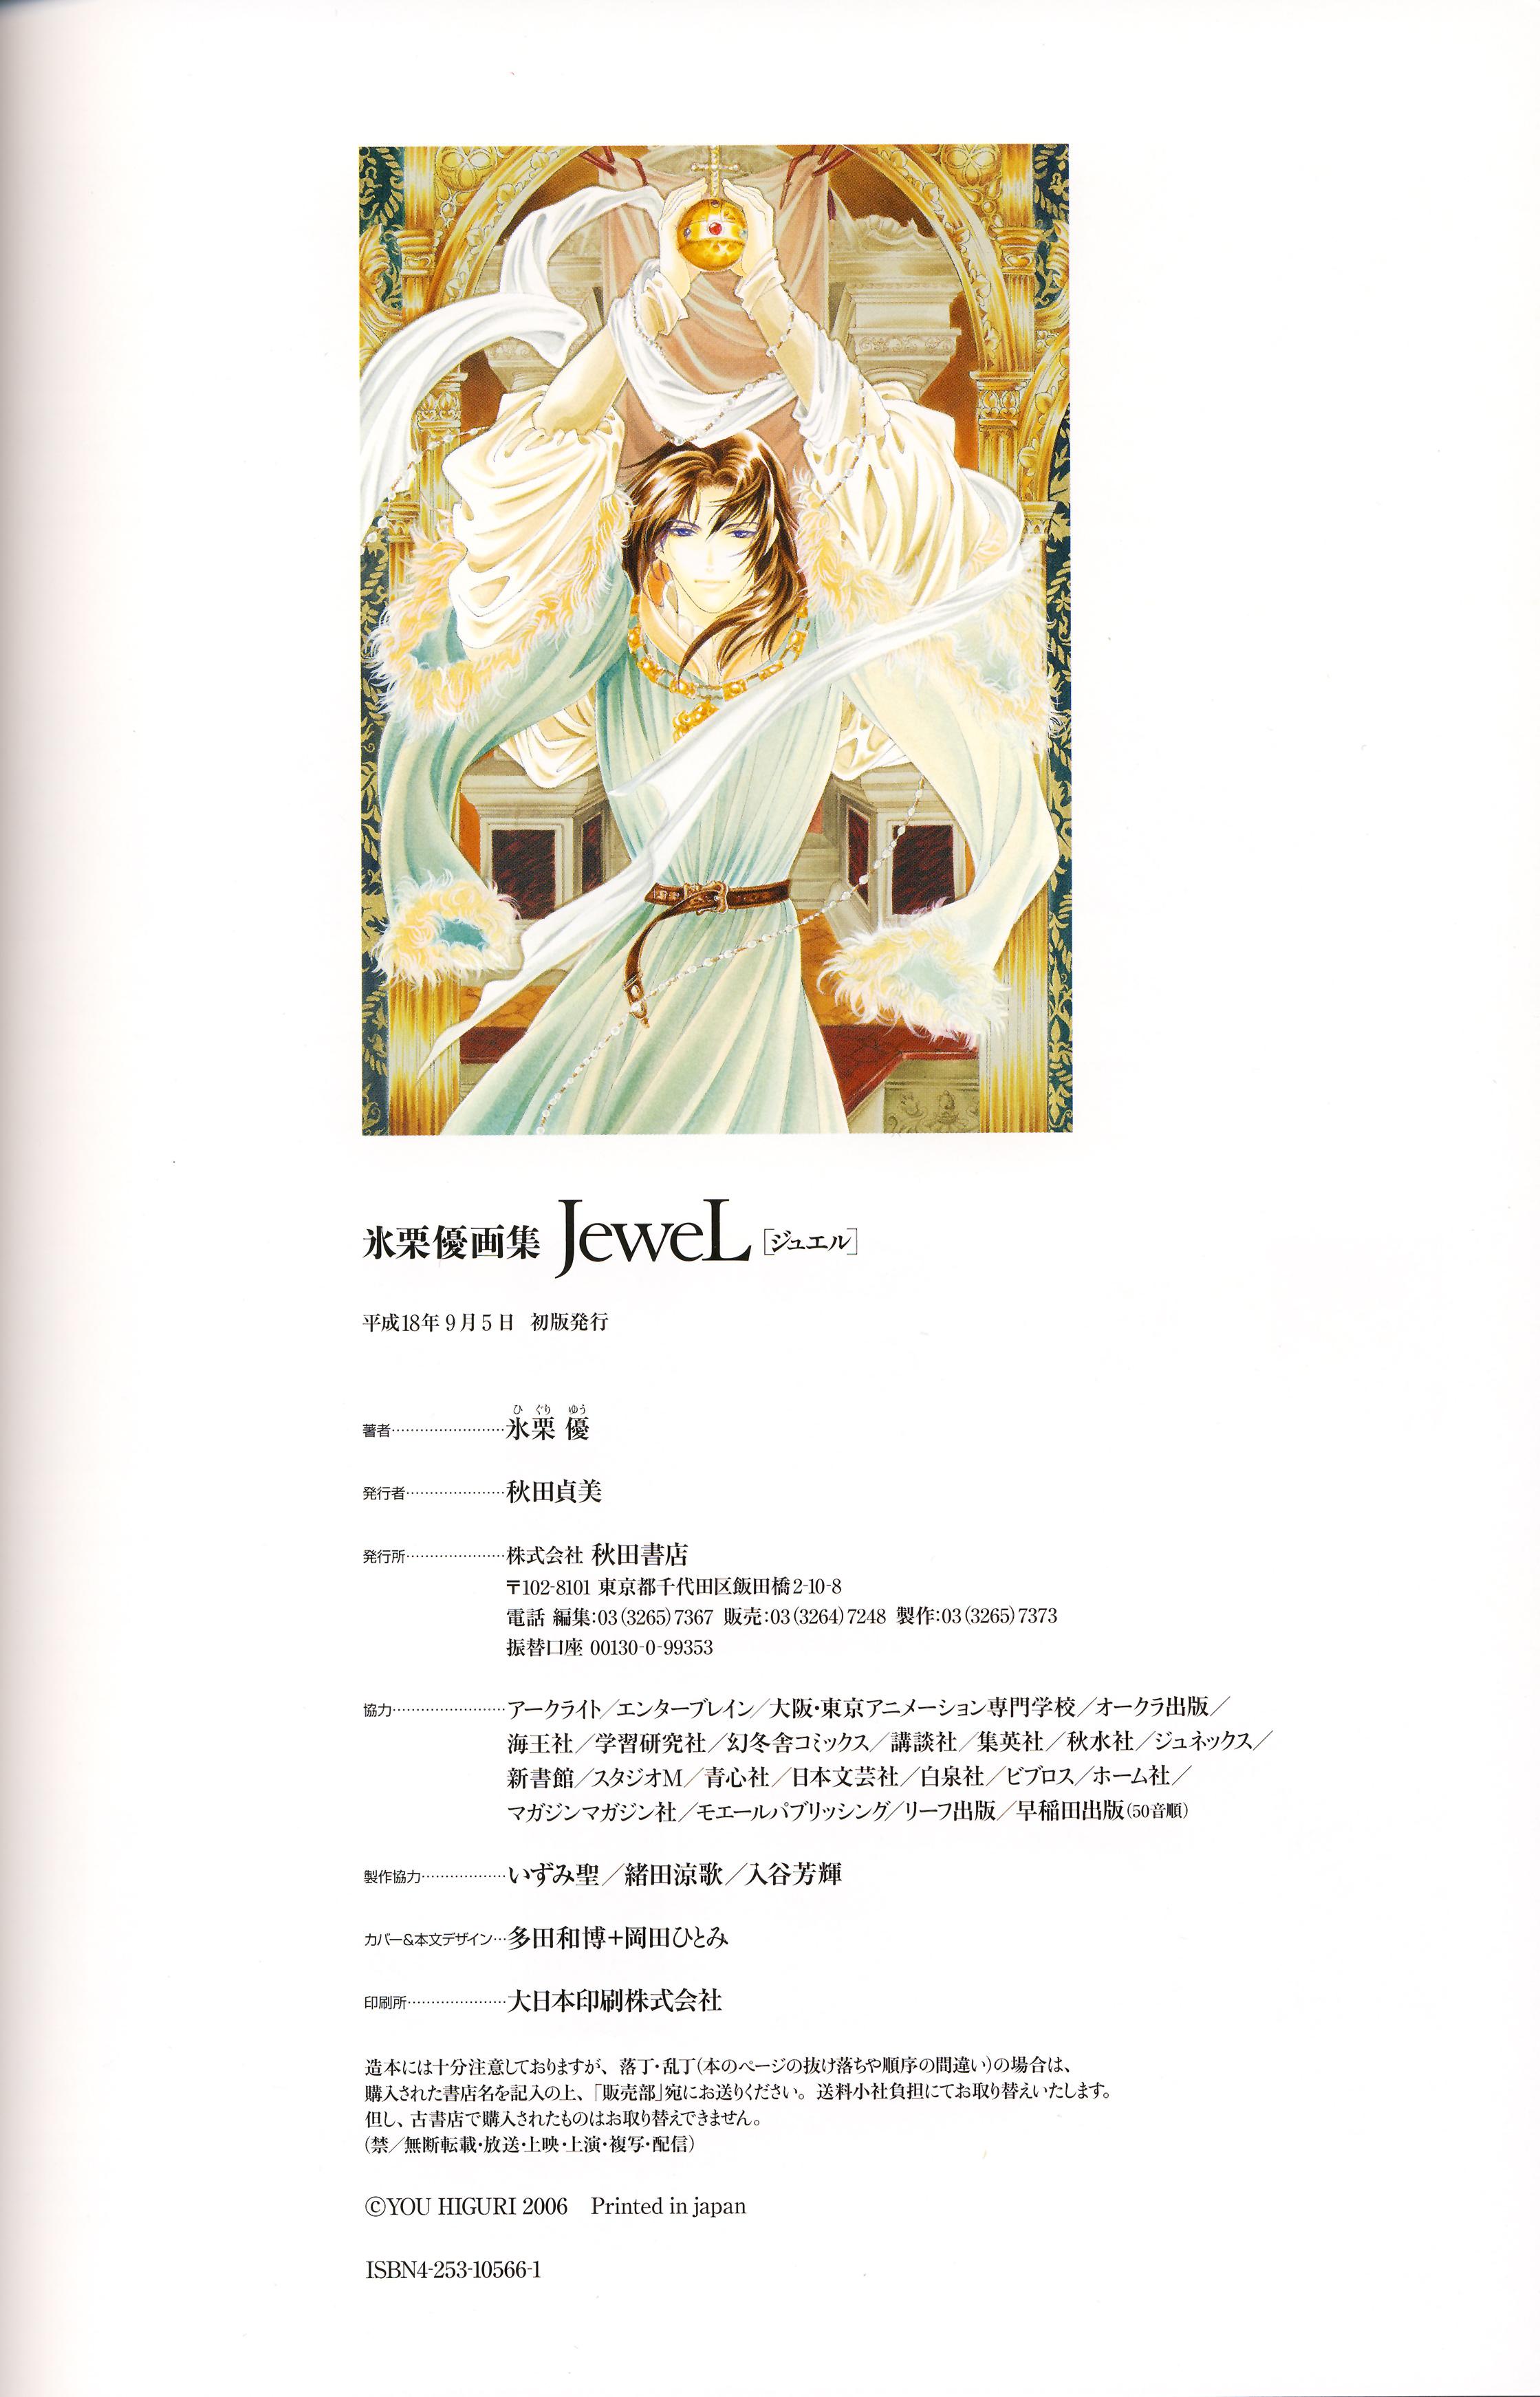 Сeдзeай аниме онлайн список Аниме жанра Сёдзёай